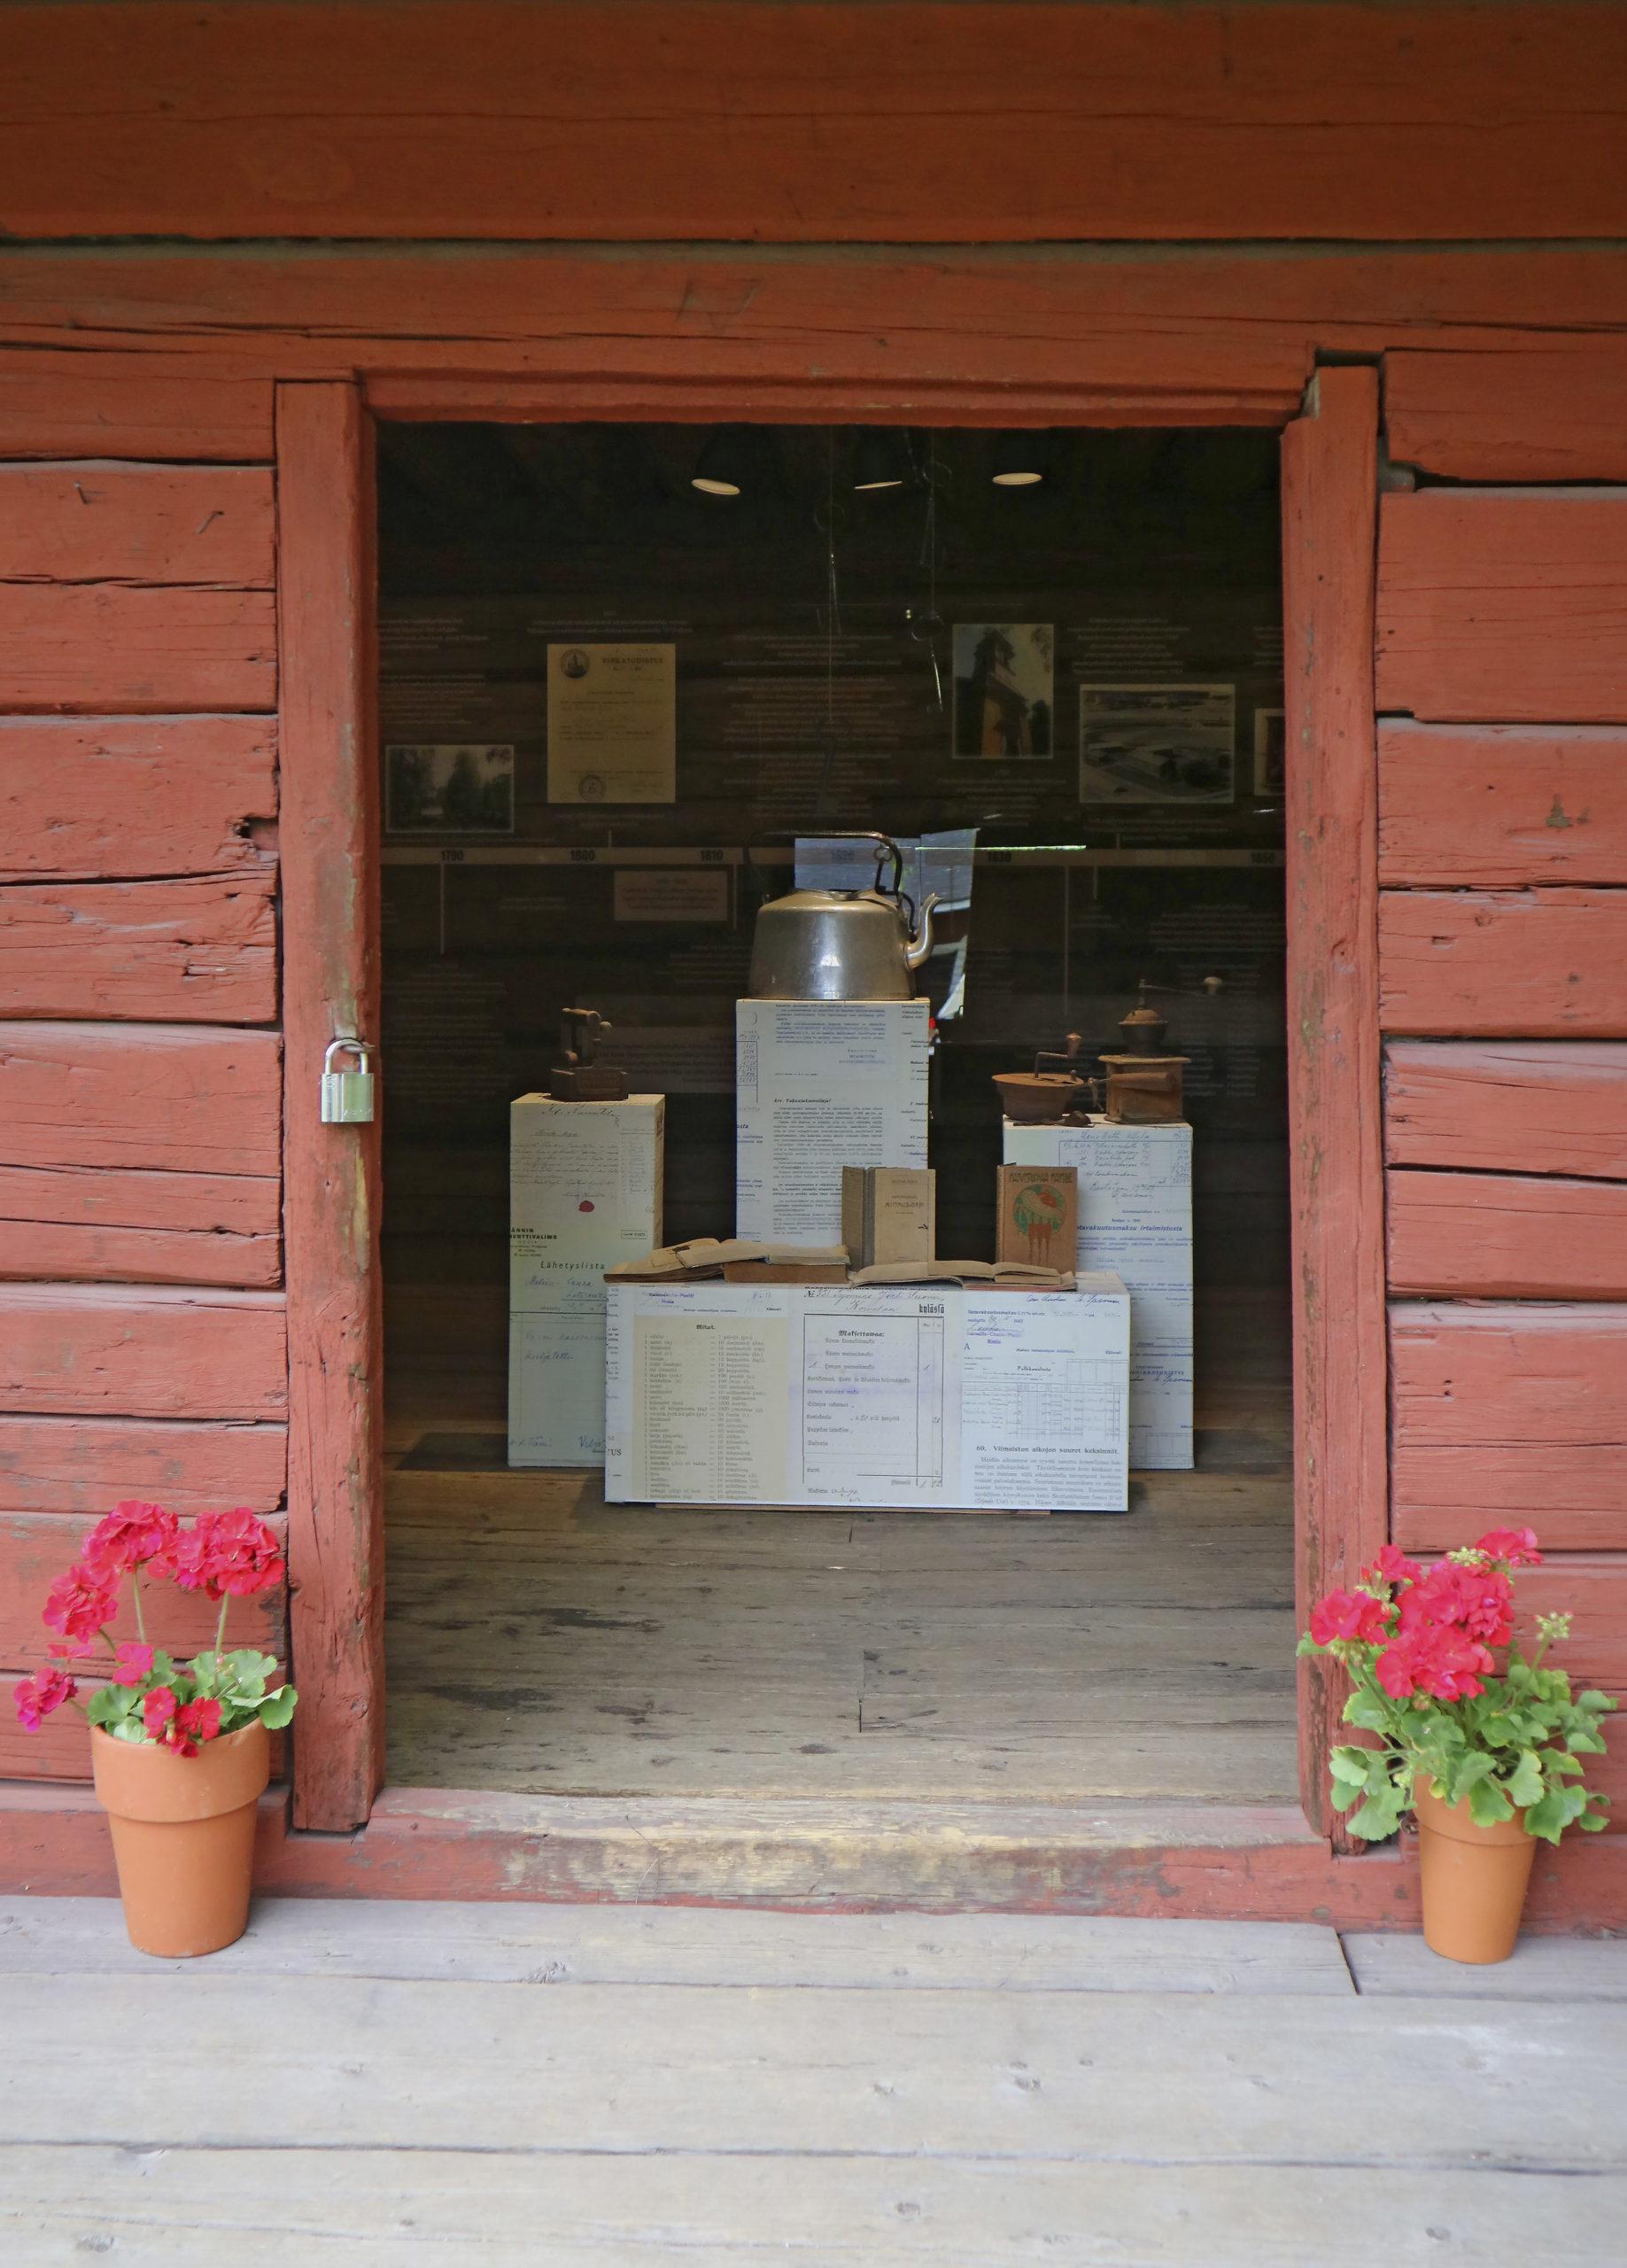 Hinttalan kotiseutumuseon punamullalla maalatun aitan ovi, joka on avoinna, Oviaukosta näkyy Luhti-näyttelyn vanhaa esineistöä, kuten kahvipannu, kahvimyllyjä ja vanha, rautainen silitysrauta.